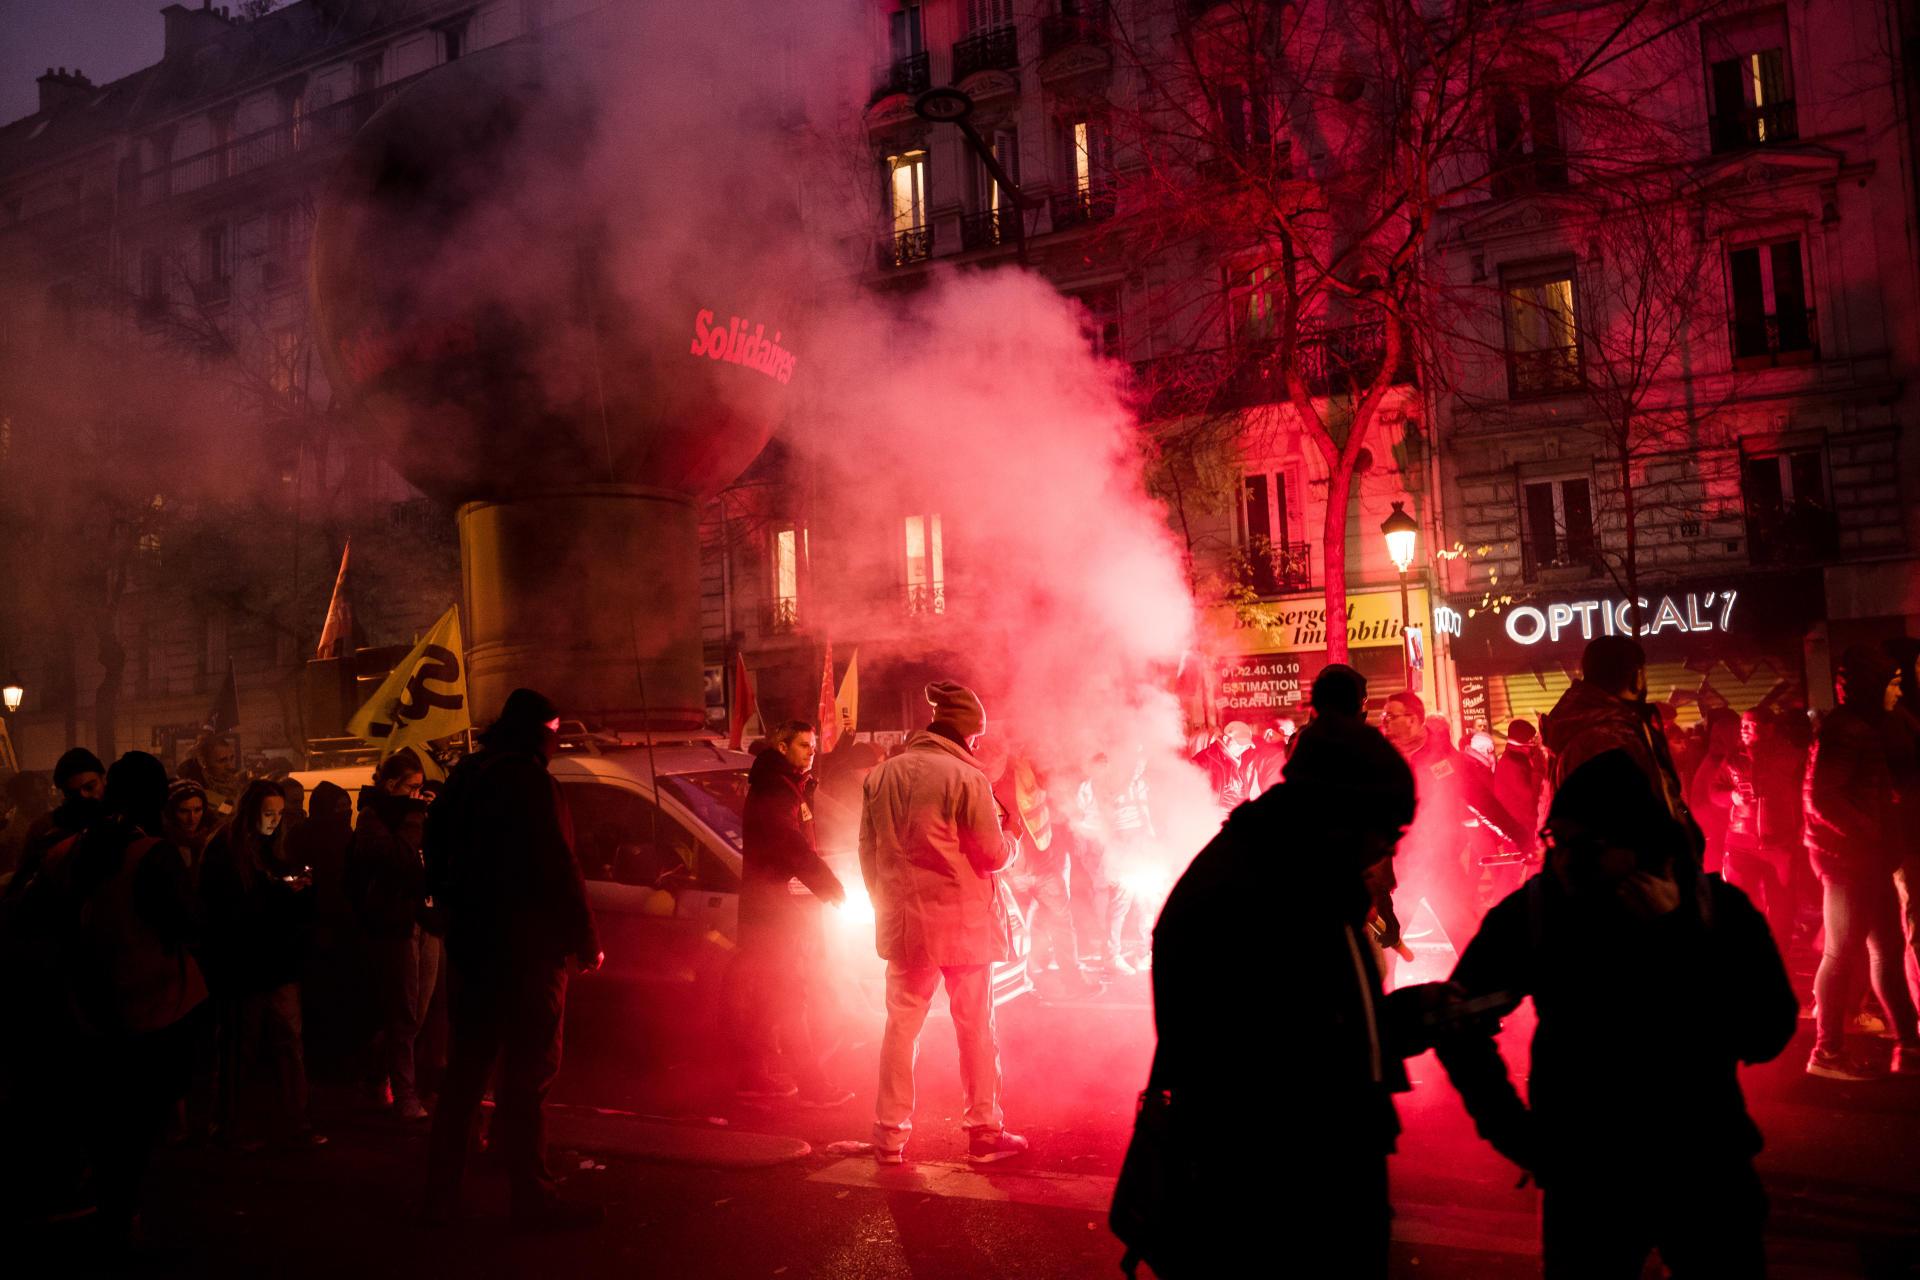 La journée de mobilisation touche à sa fin à Paris. Le cortège, qui a fait du surplace pendant plus de deux heures à cause de heurts, a fini par atteindre la place de la Nation, en début de soirée.